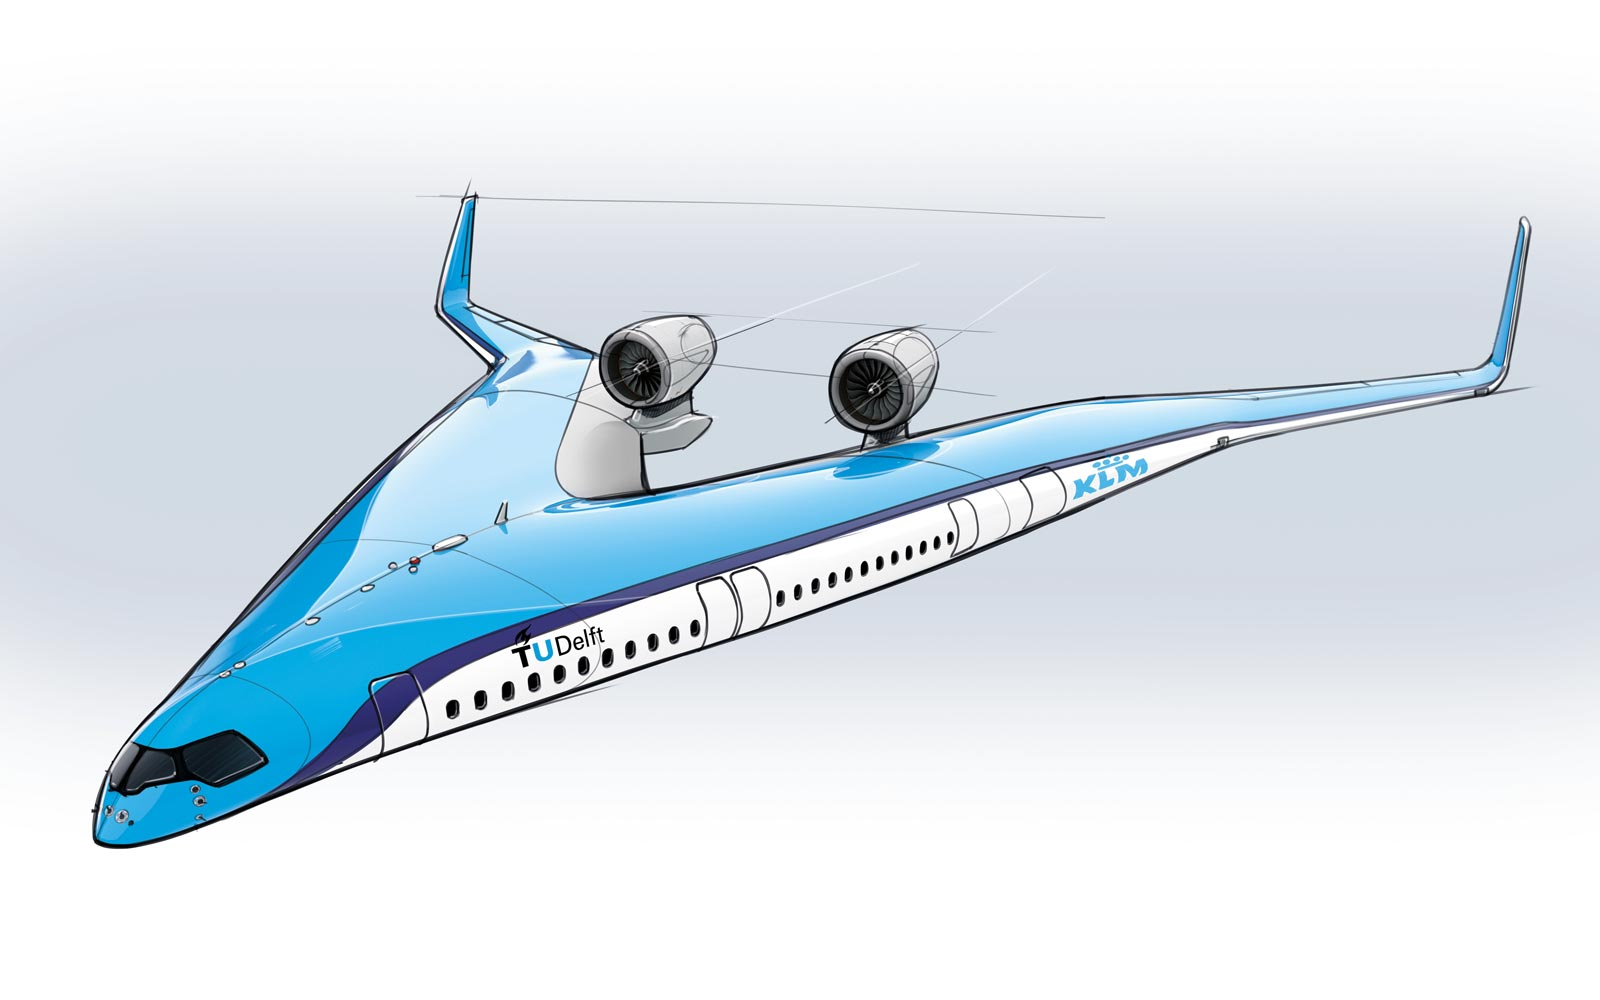 klm-flying-v-concept-plane-drawing-KLMV0619